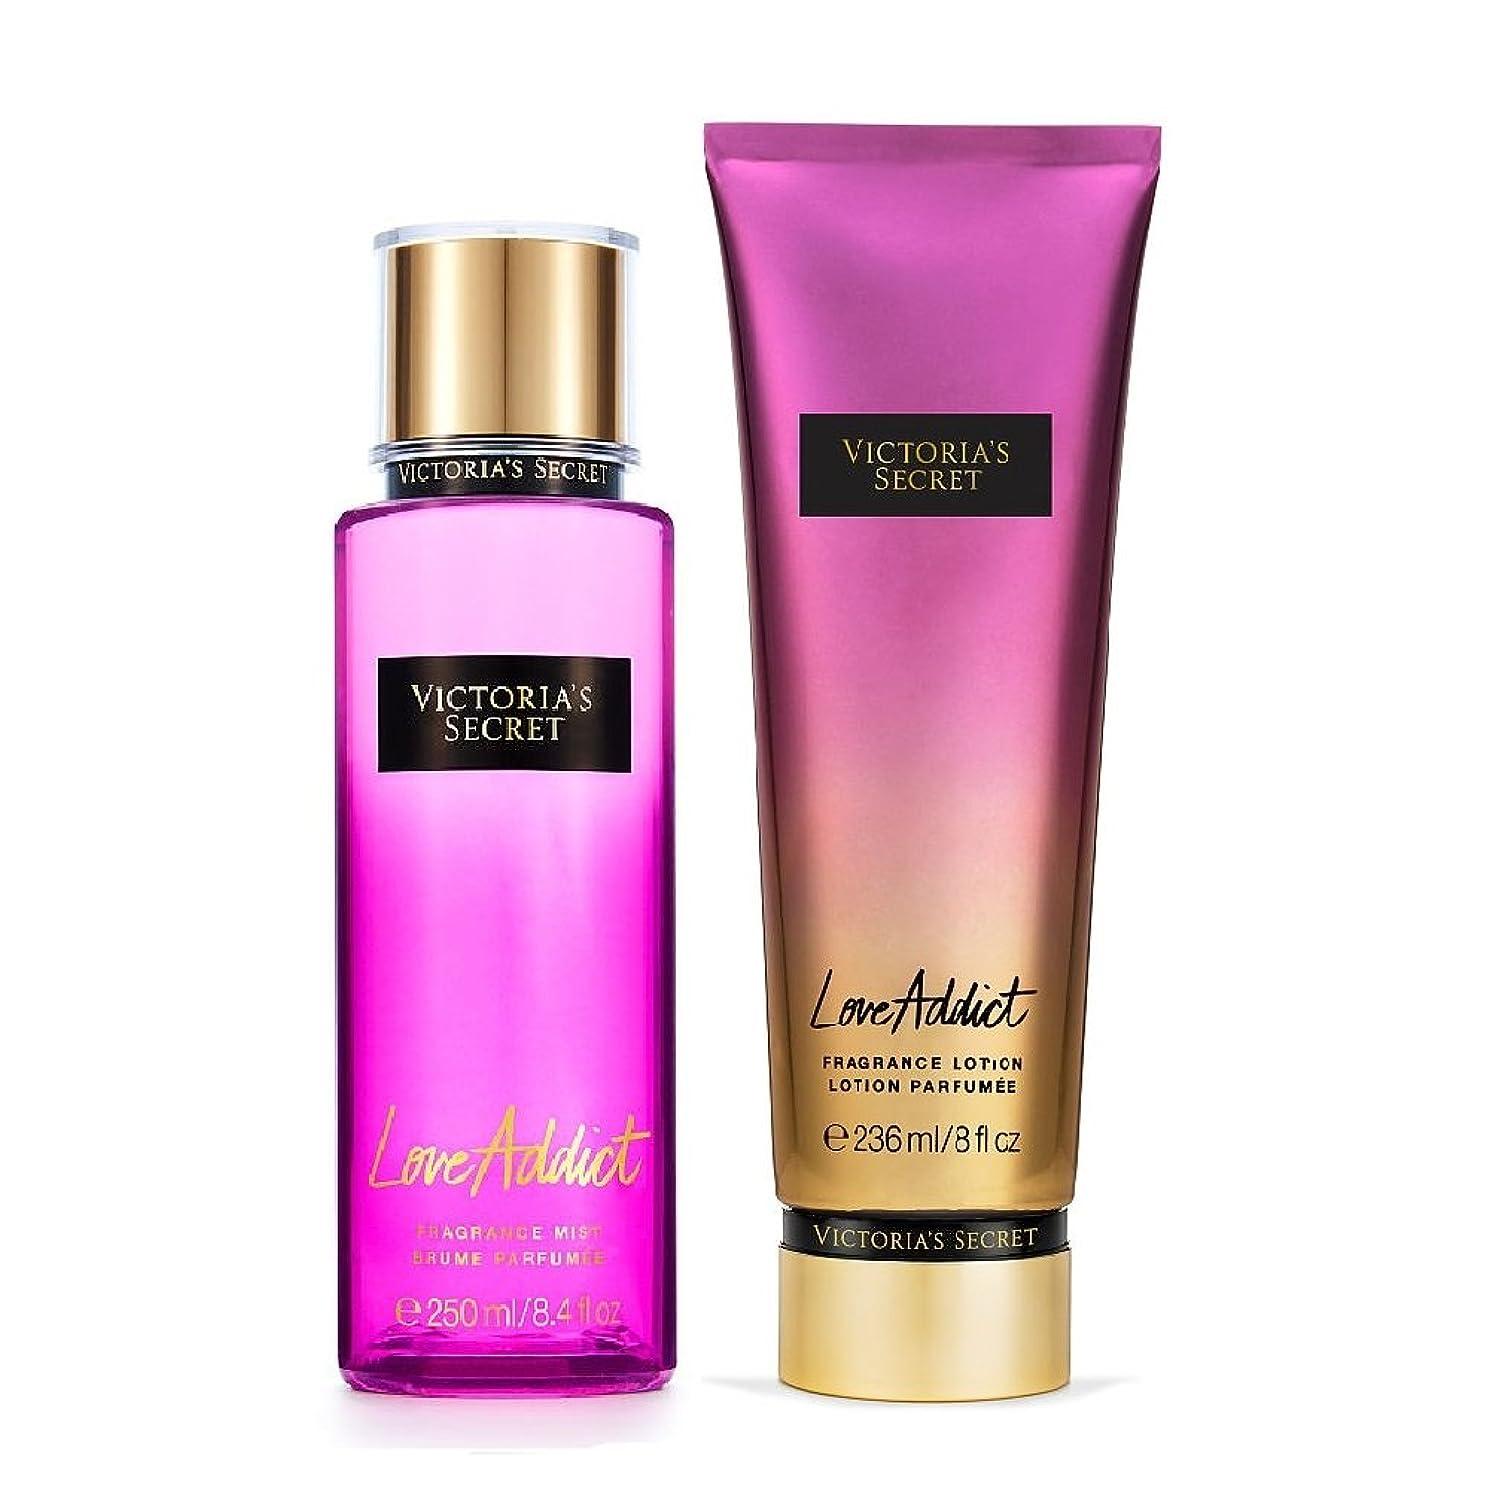 メニューベースジムフレグランスミスト&フレグランスローション LoveAddict Victoria'sSecretFantasies FragranceMist & FragranceLotion ヴィクトリアズシークレット Victoria'sSecret (49.ラヴアディクト/LoveAddict) [並行輸入品]